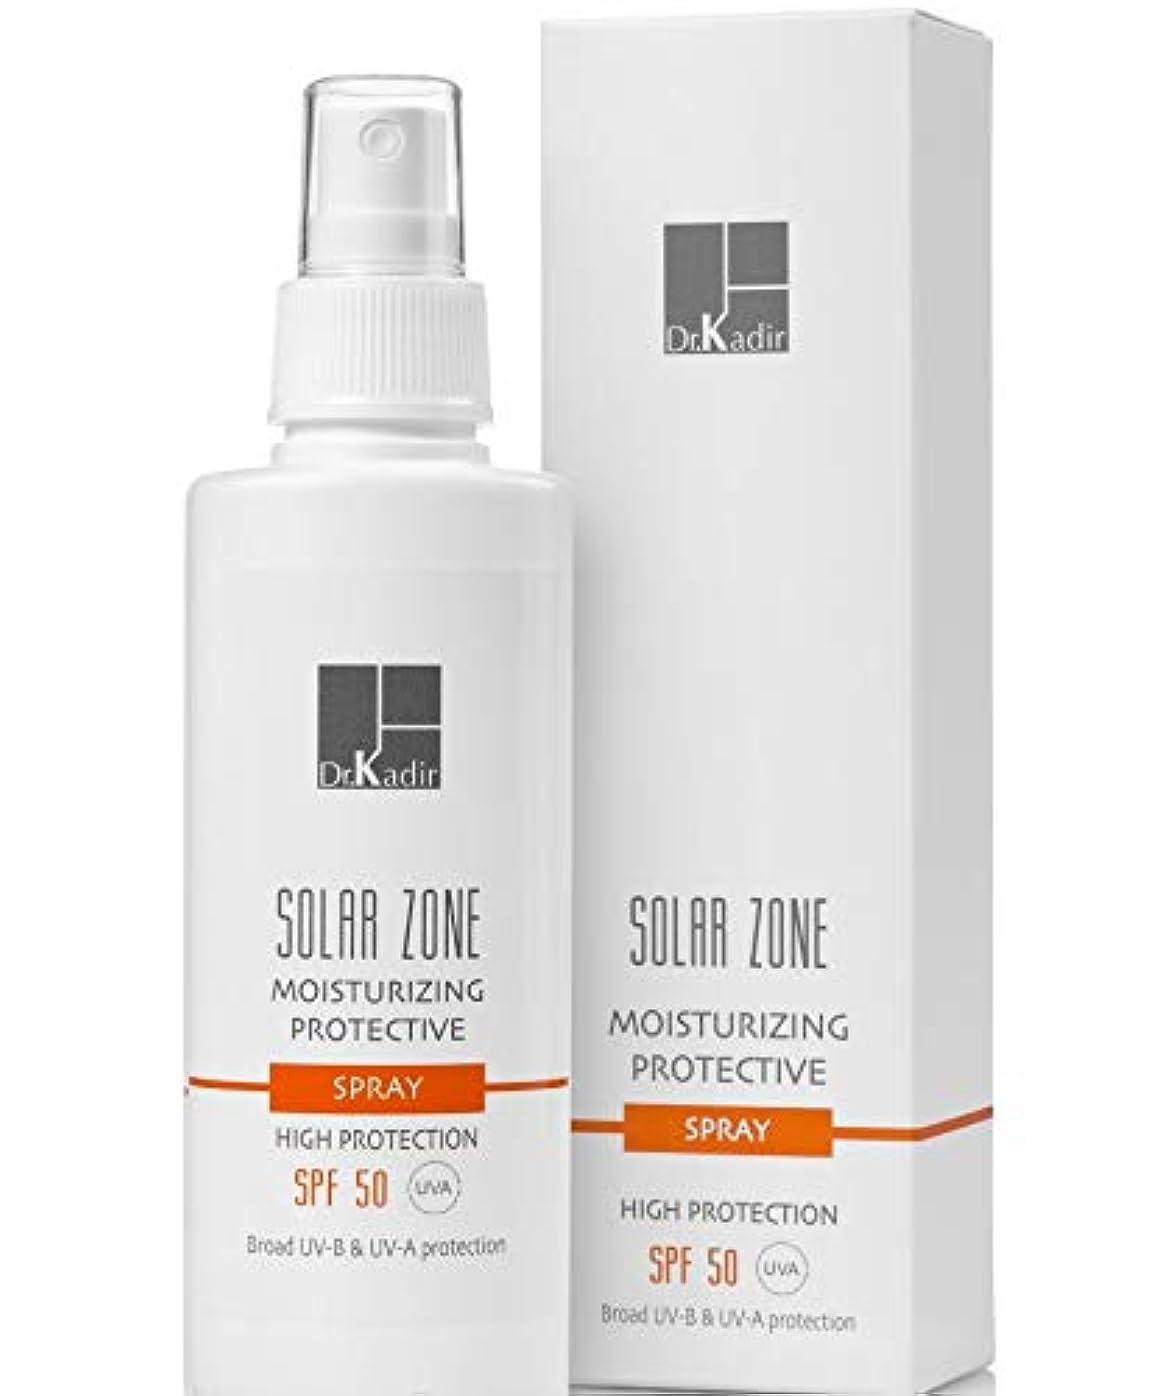 あたりシーフード時計回りDr. Kadir Solar Zone Moisturizing Protective Spray SPF 50 125ml